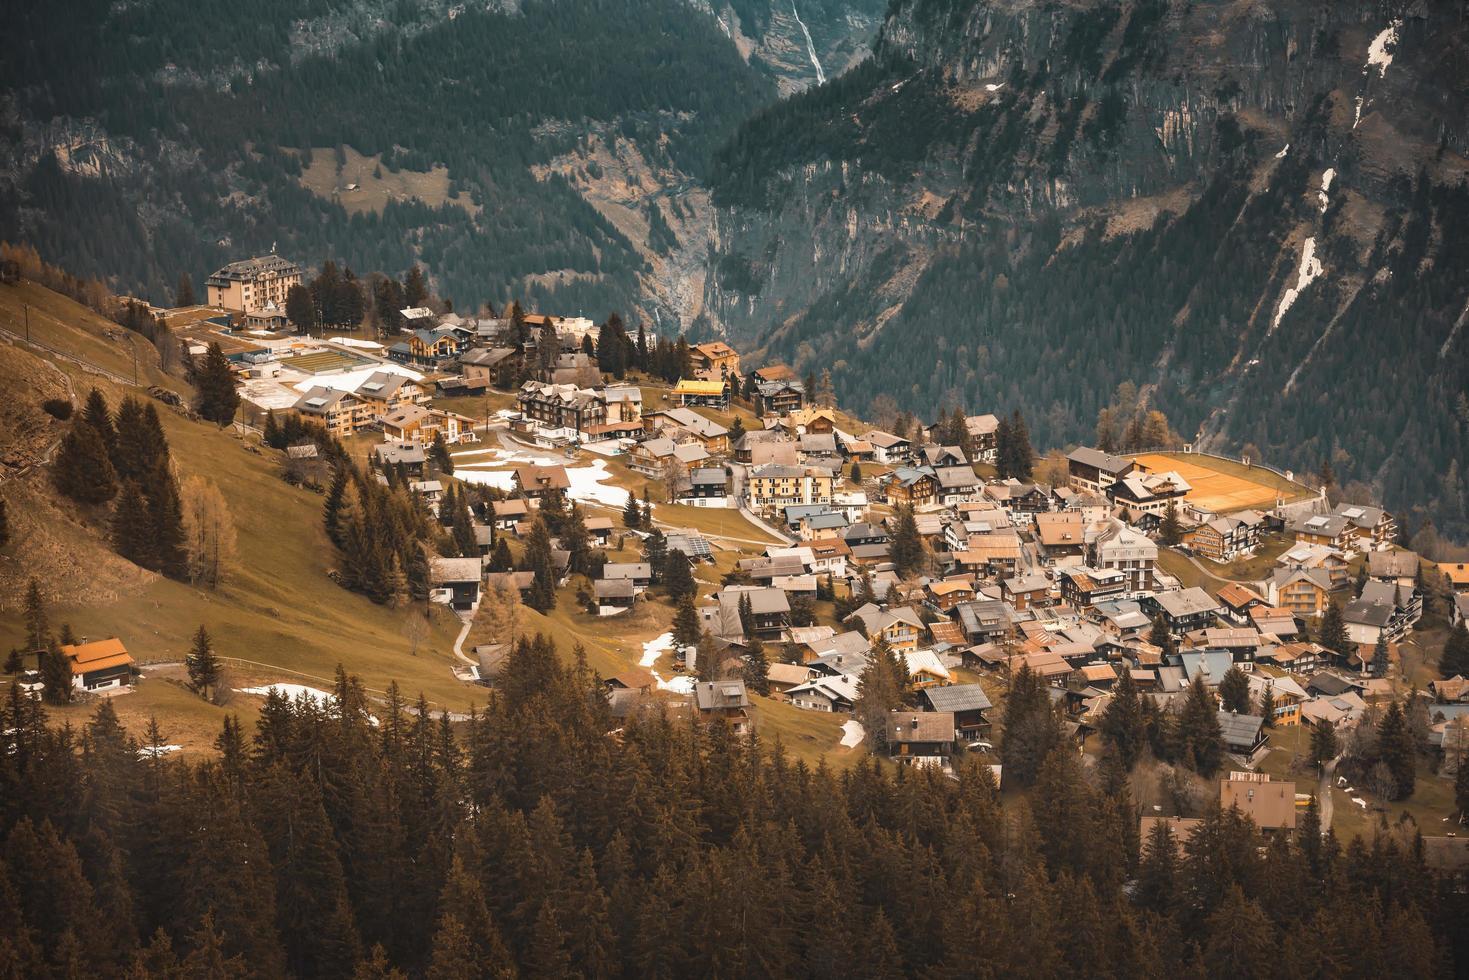 vista aerea sul villaggio di Murren dalla funivia, Svizzera. foto